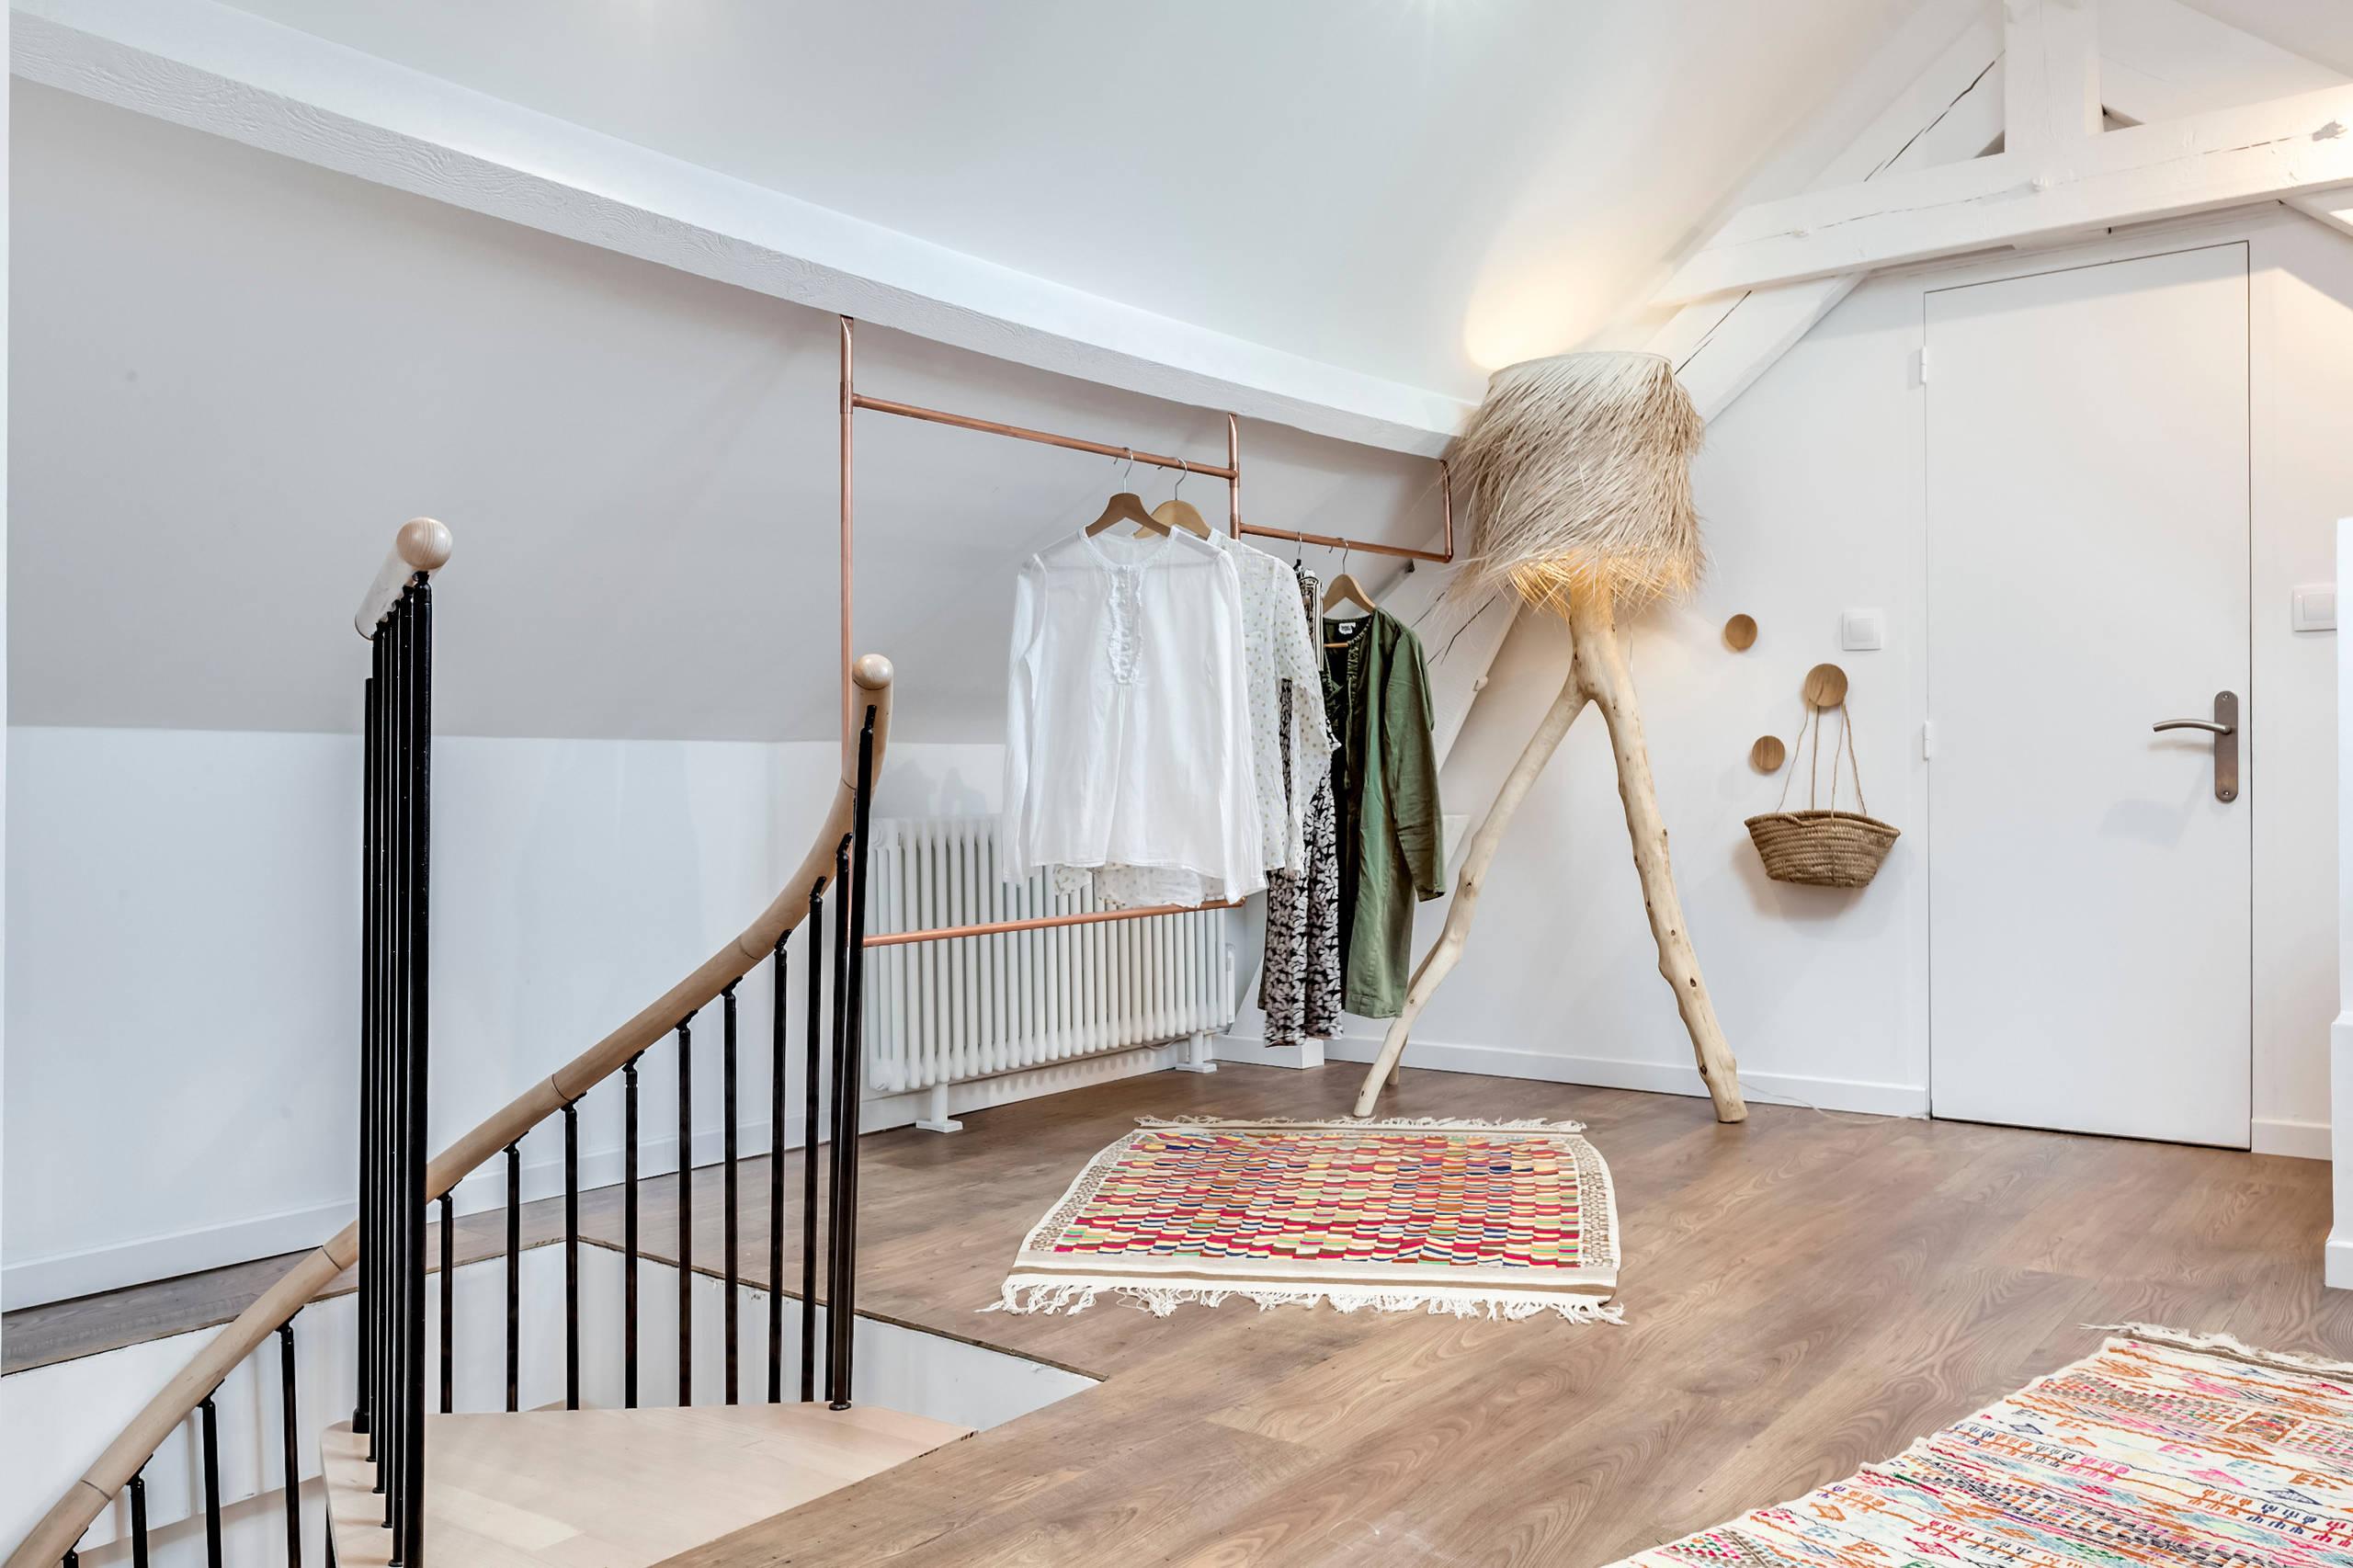 Rénovation complète d'une maison familiale de 135 m2 dans les Yvelines